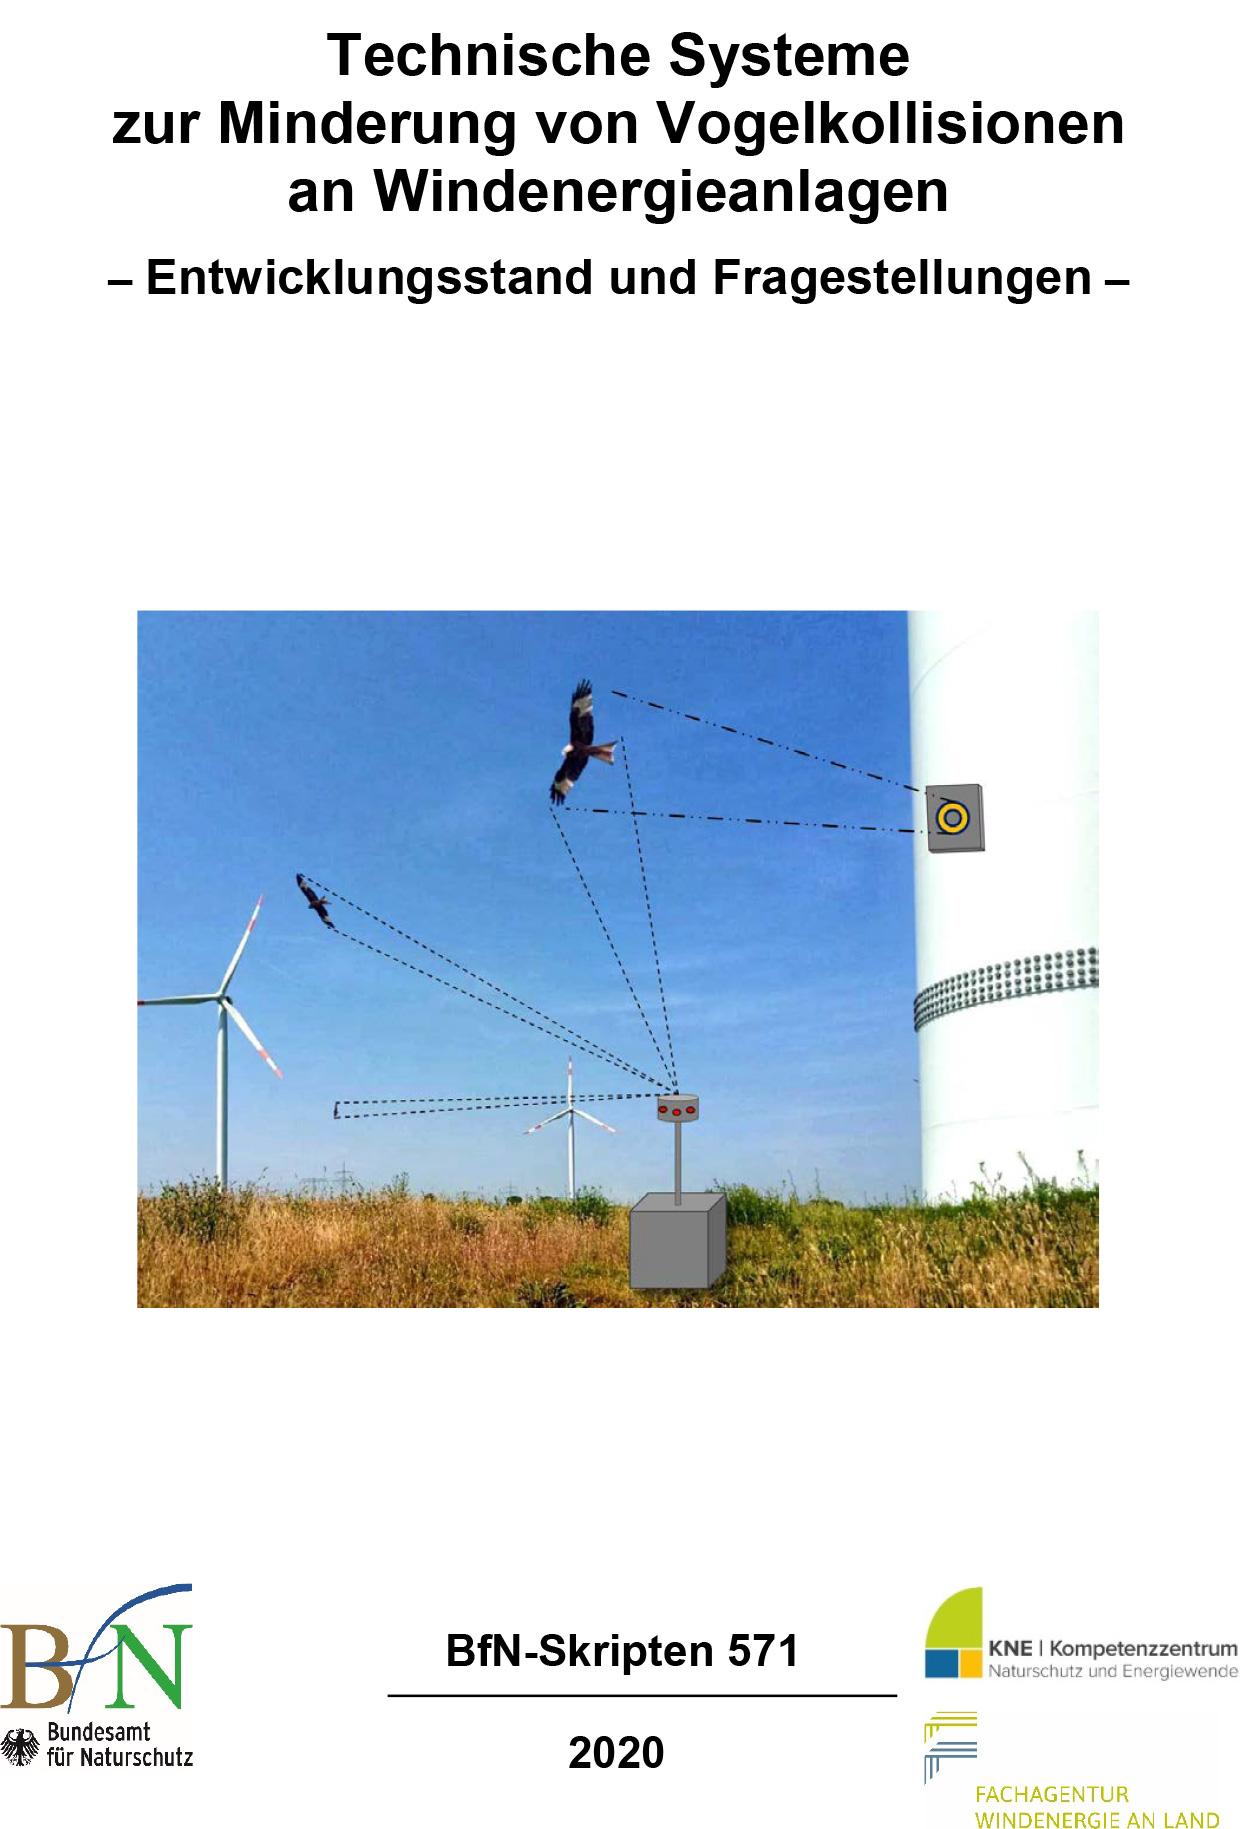 Titelbild der Publikation Publikation BfN, KNE, FFA Wind: Technische Systeme zur Minderung von Vogelkollisionen an Windenergieanlagen